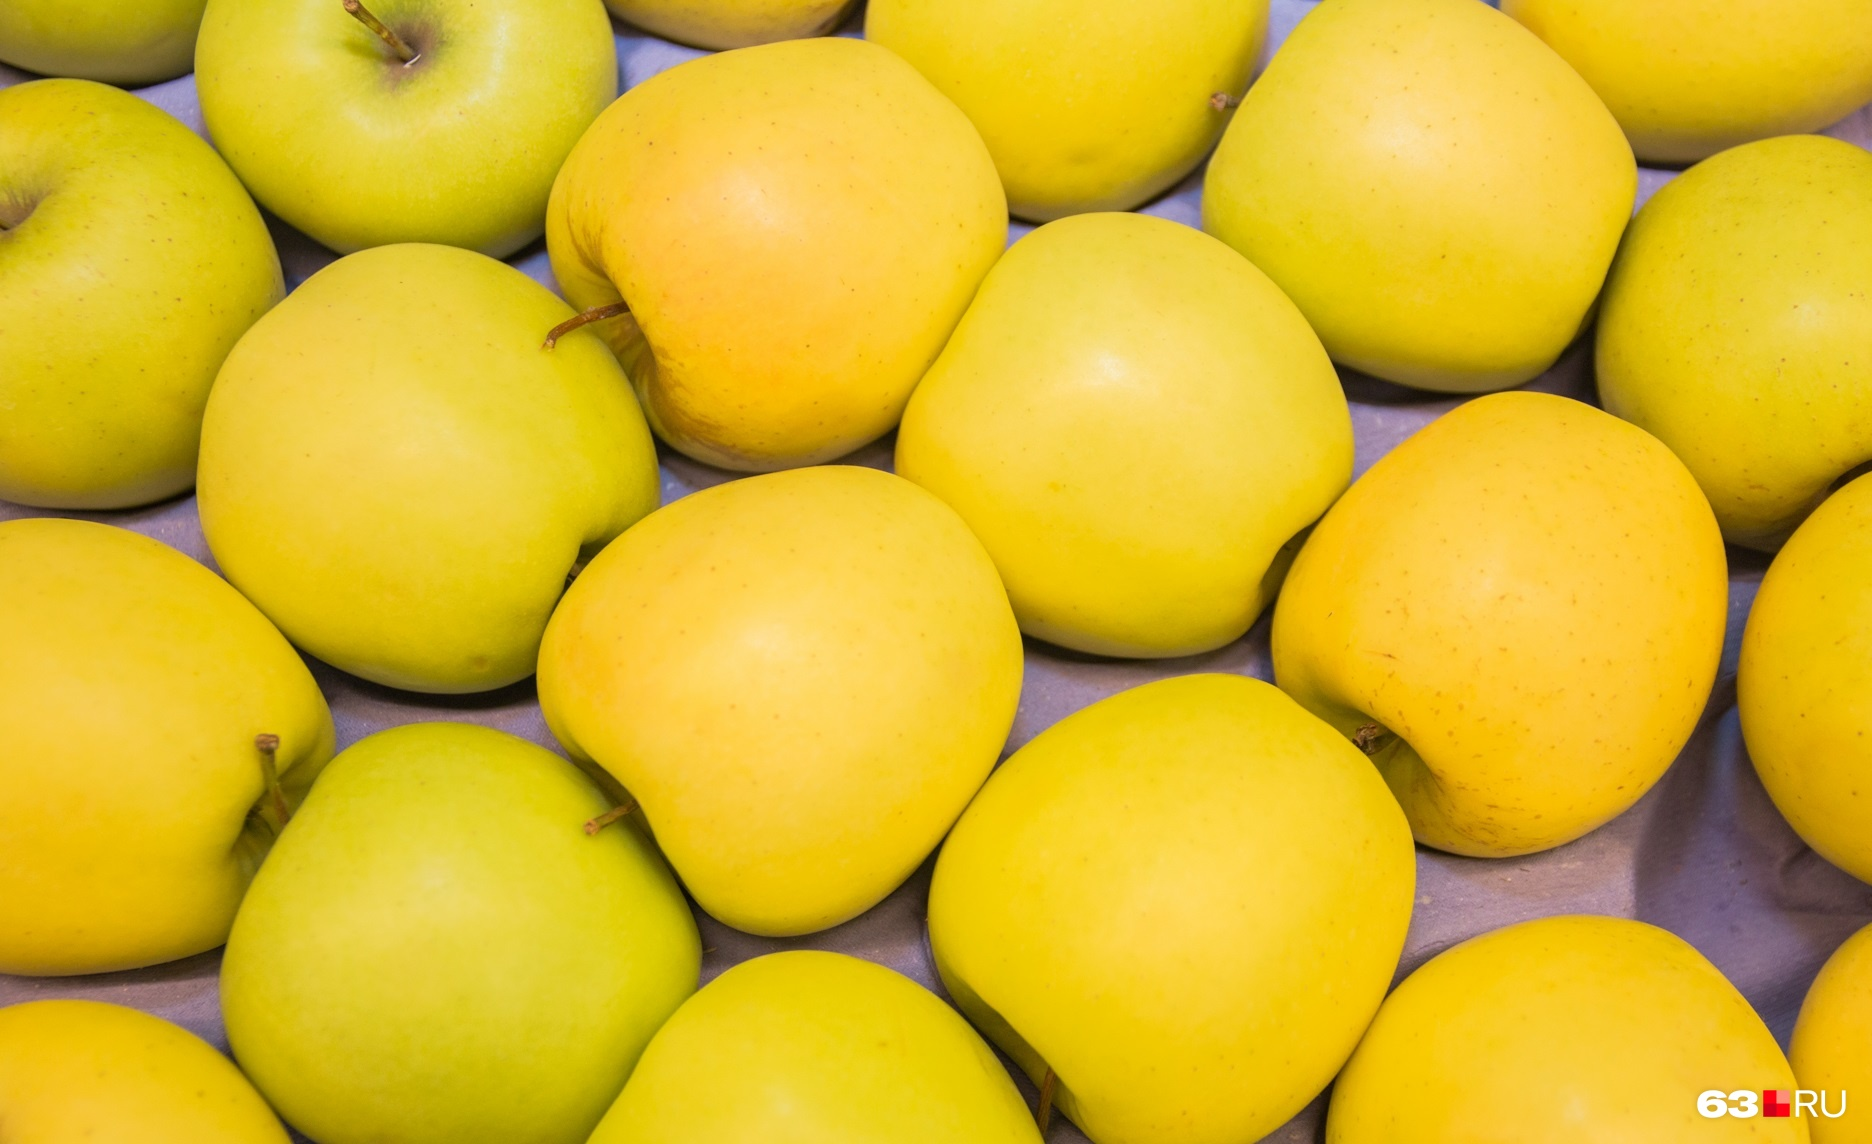 Некоторые считают, что зубы можно почистить яблоком